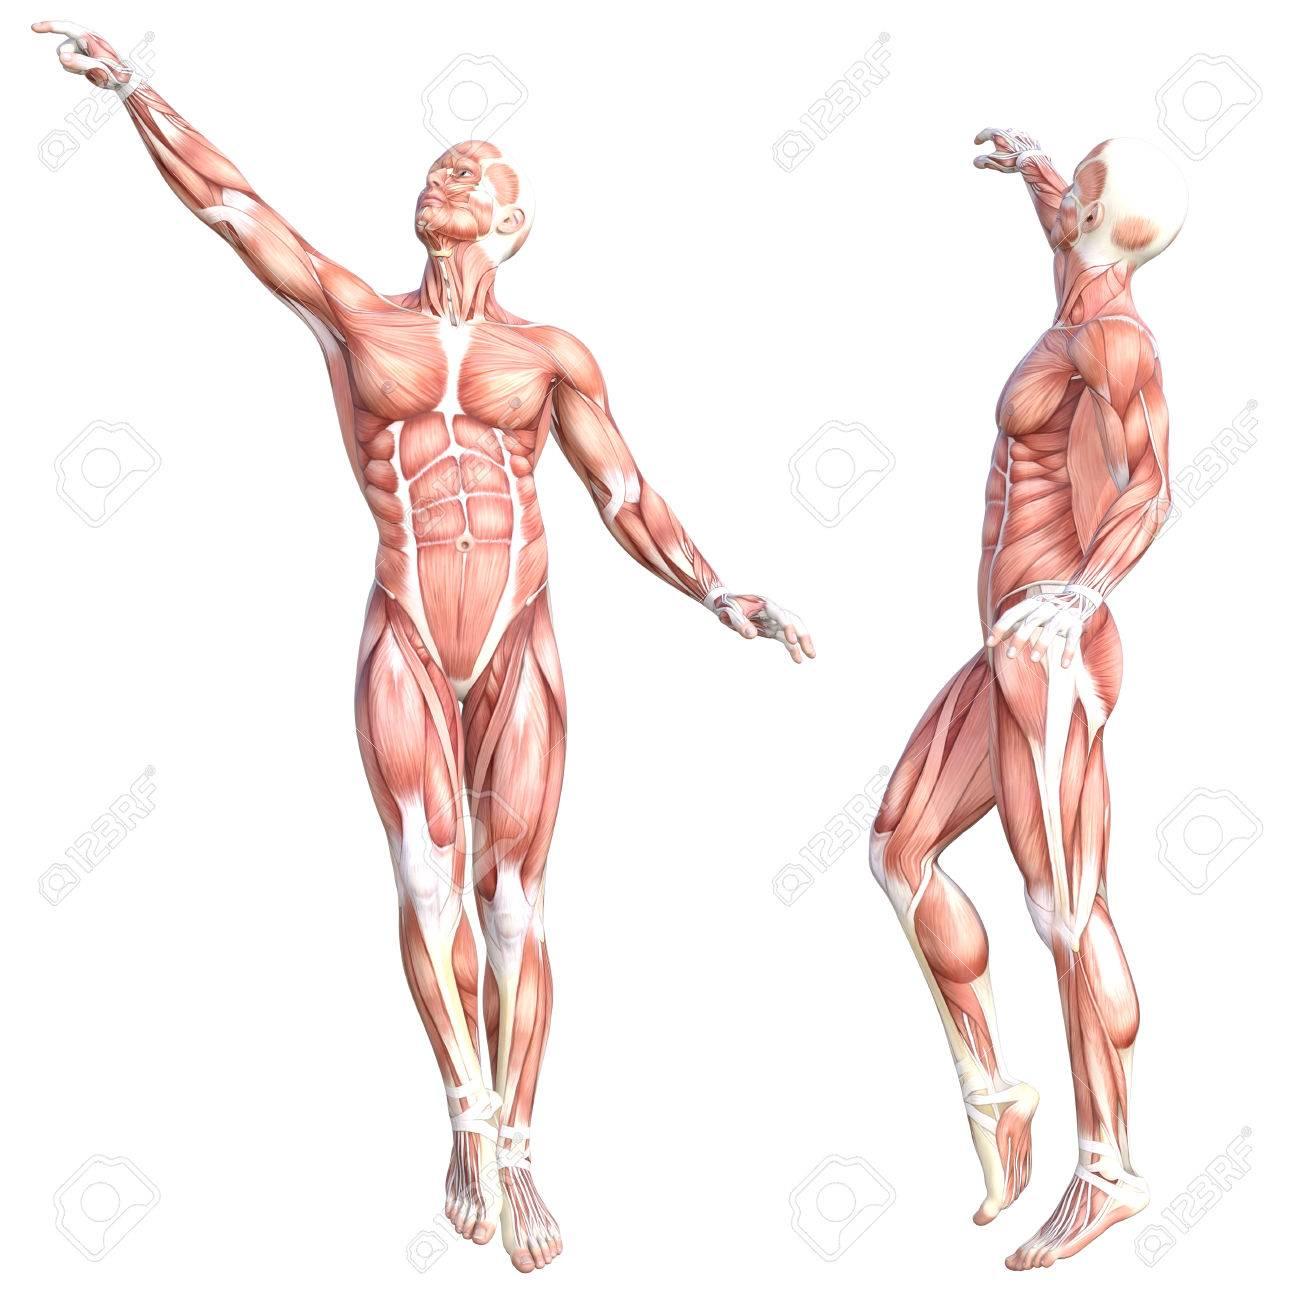 Ausgezeichnet Menschliches Muskelsystem Bilder - Anatomie Ideen ...